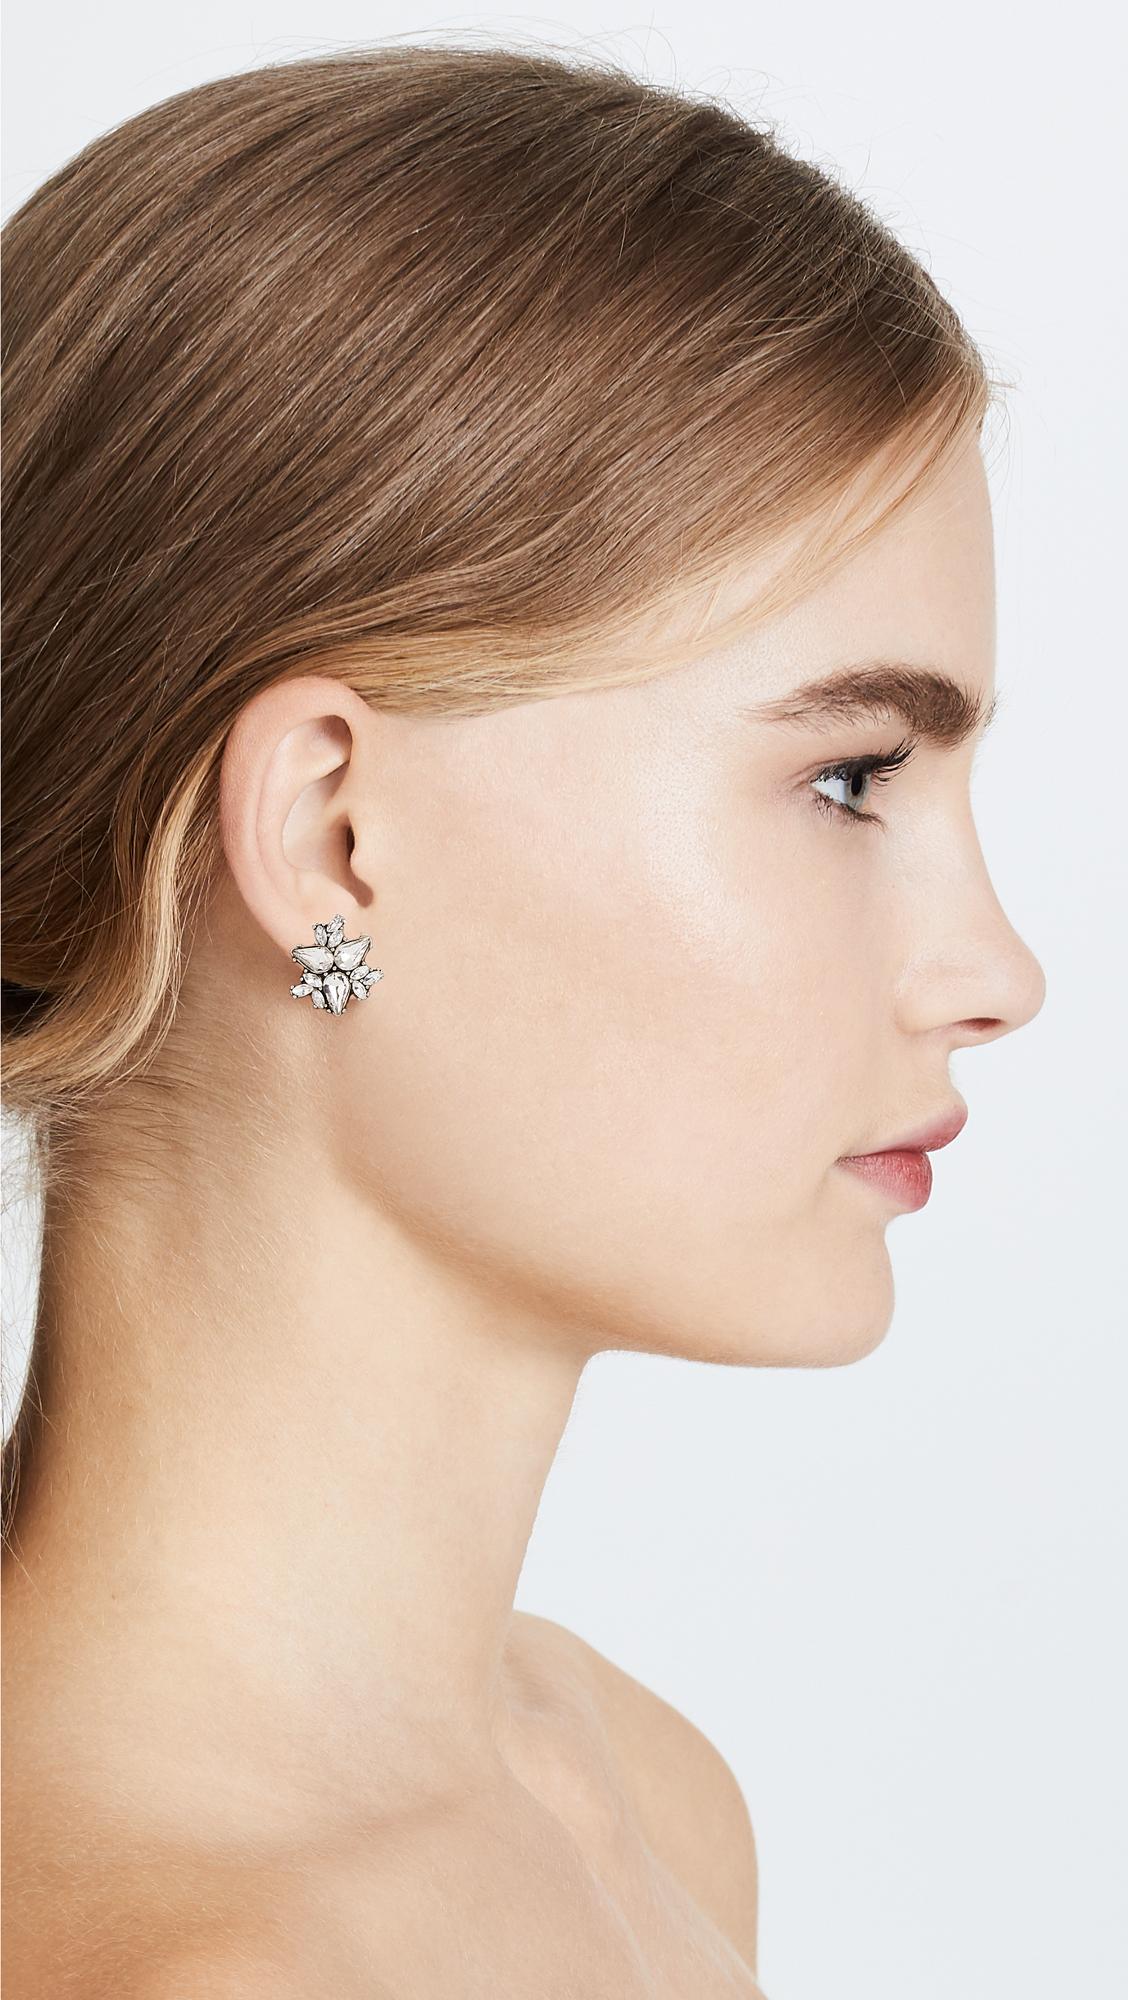 BaubleBar Ear Adornments Stud Earrings KVLzw4